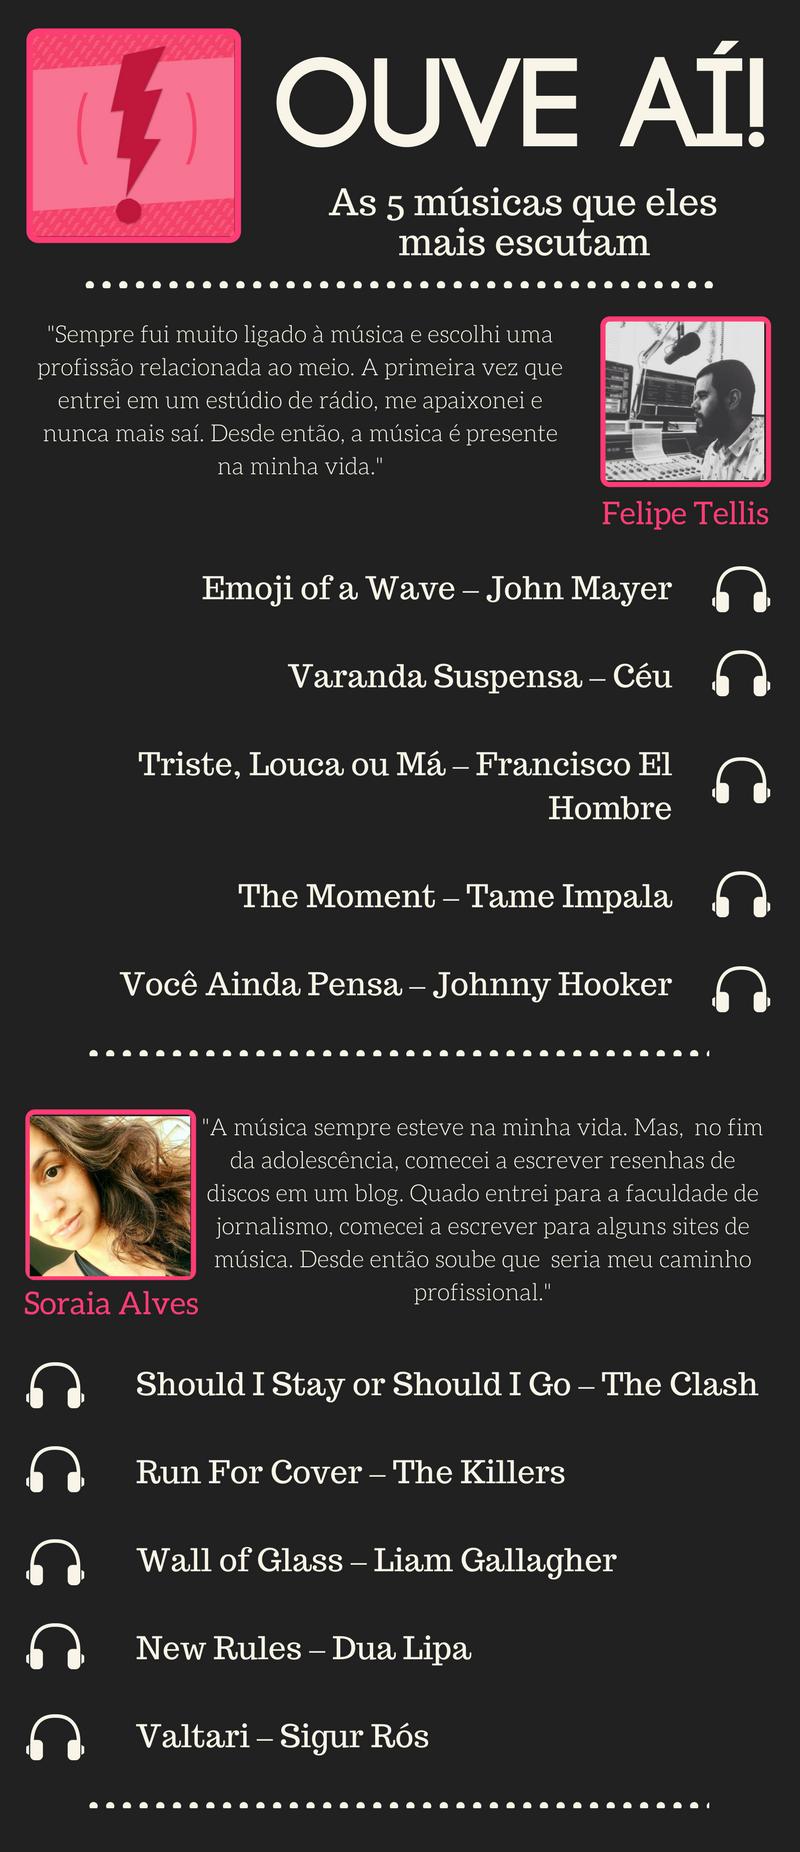 Cinco músicas que a Soraia e o Felipe estão escutando